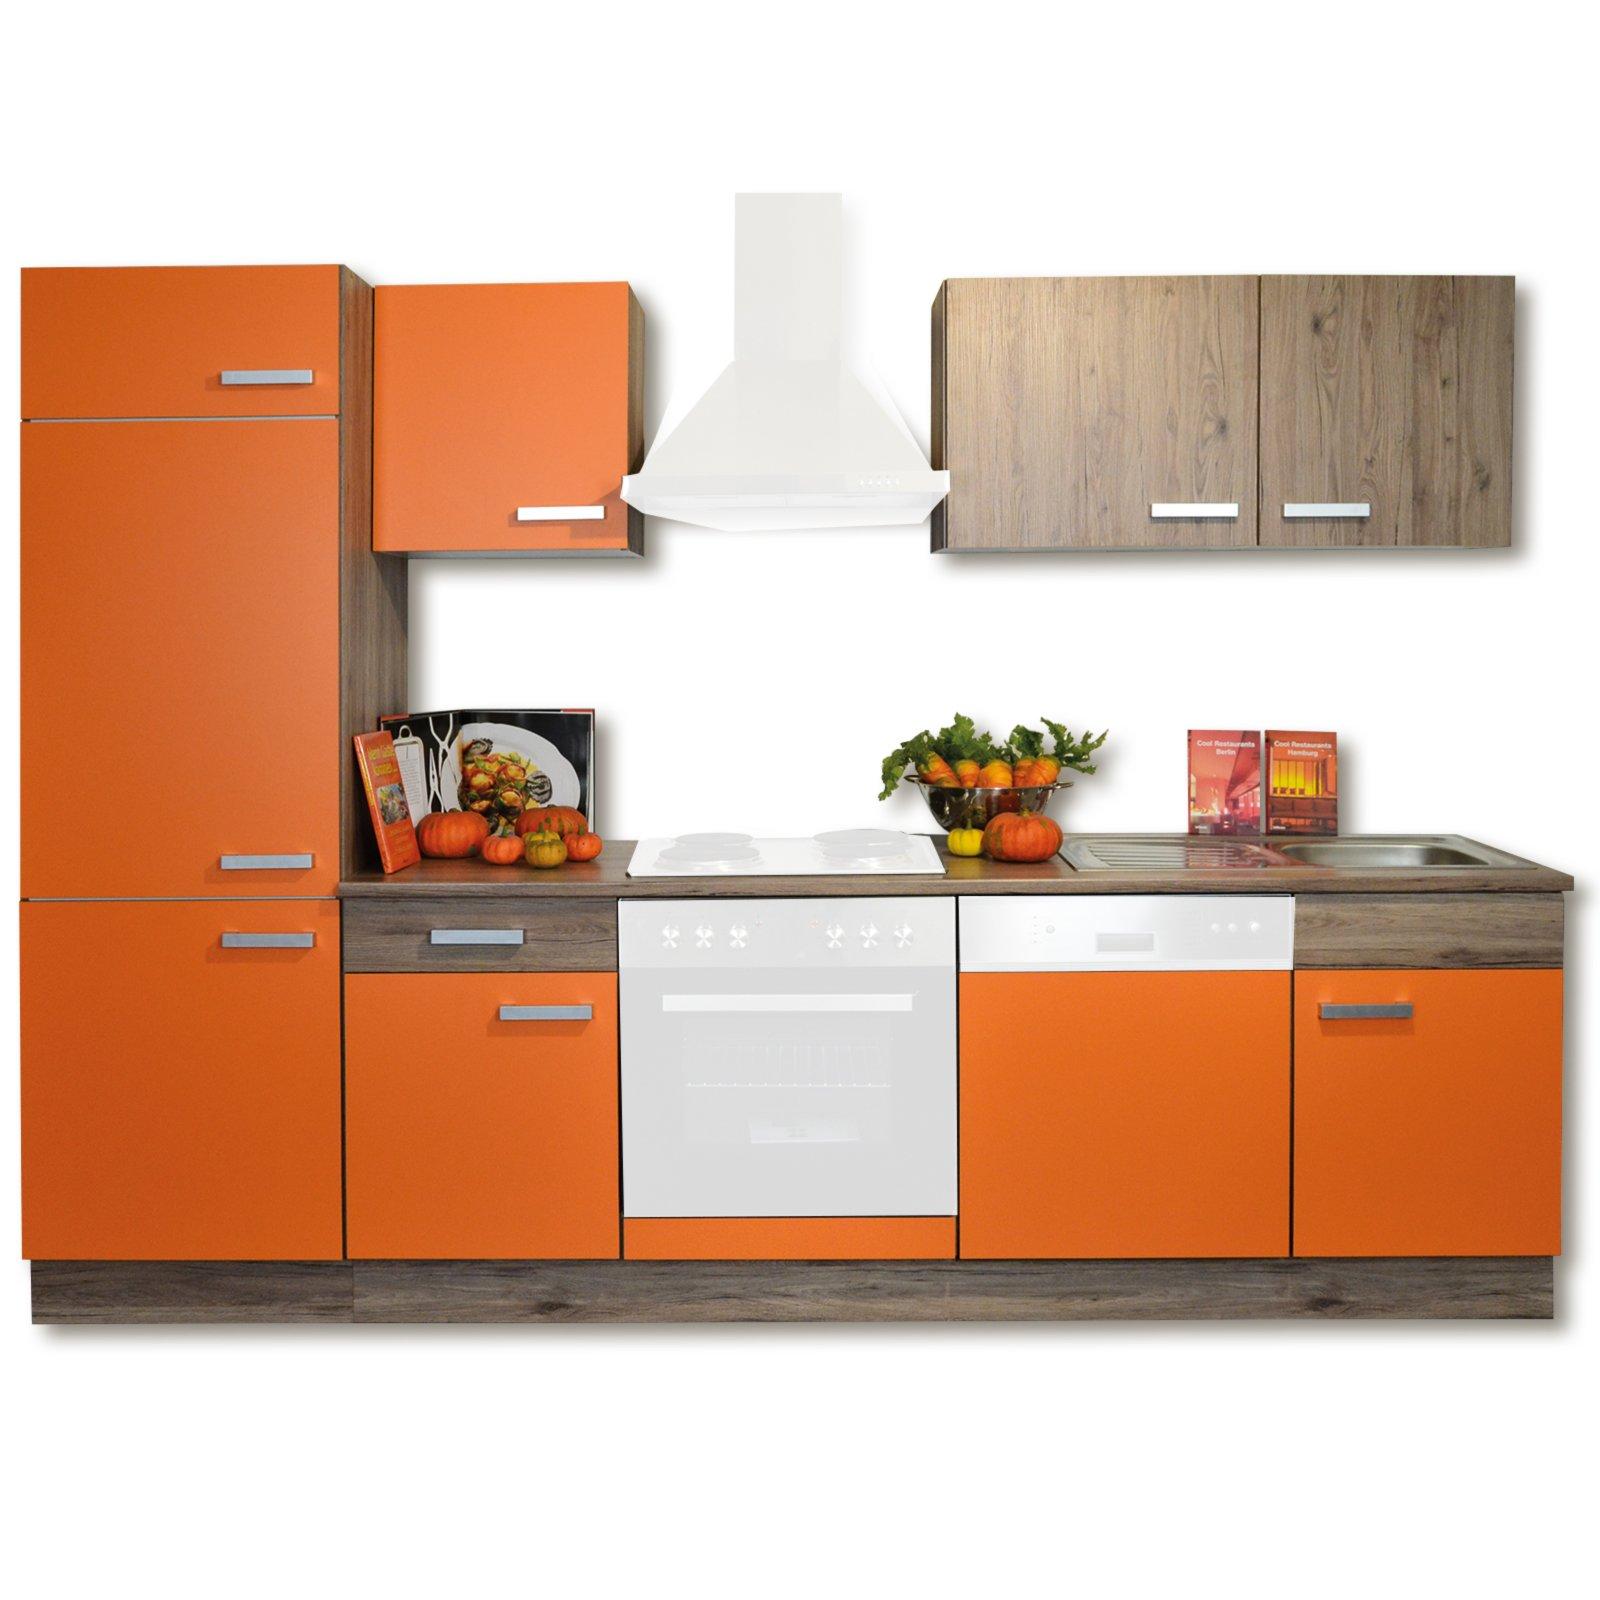 Roller küchenblock  Küchenblock LOUISA - orange matt-San Remo Eiche - 280 cm ...